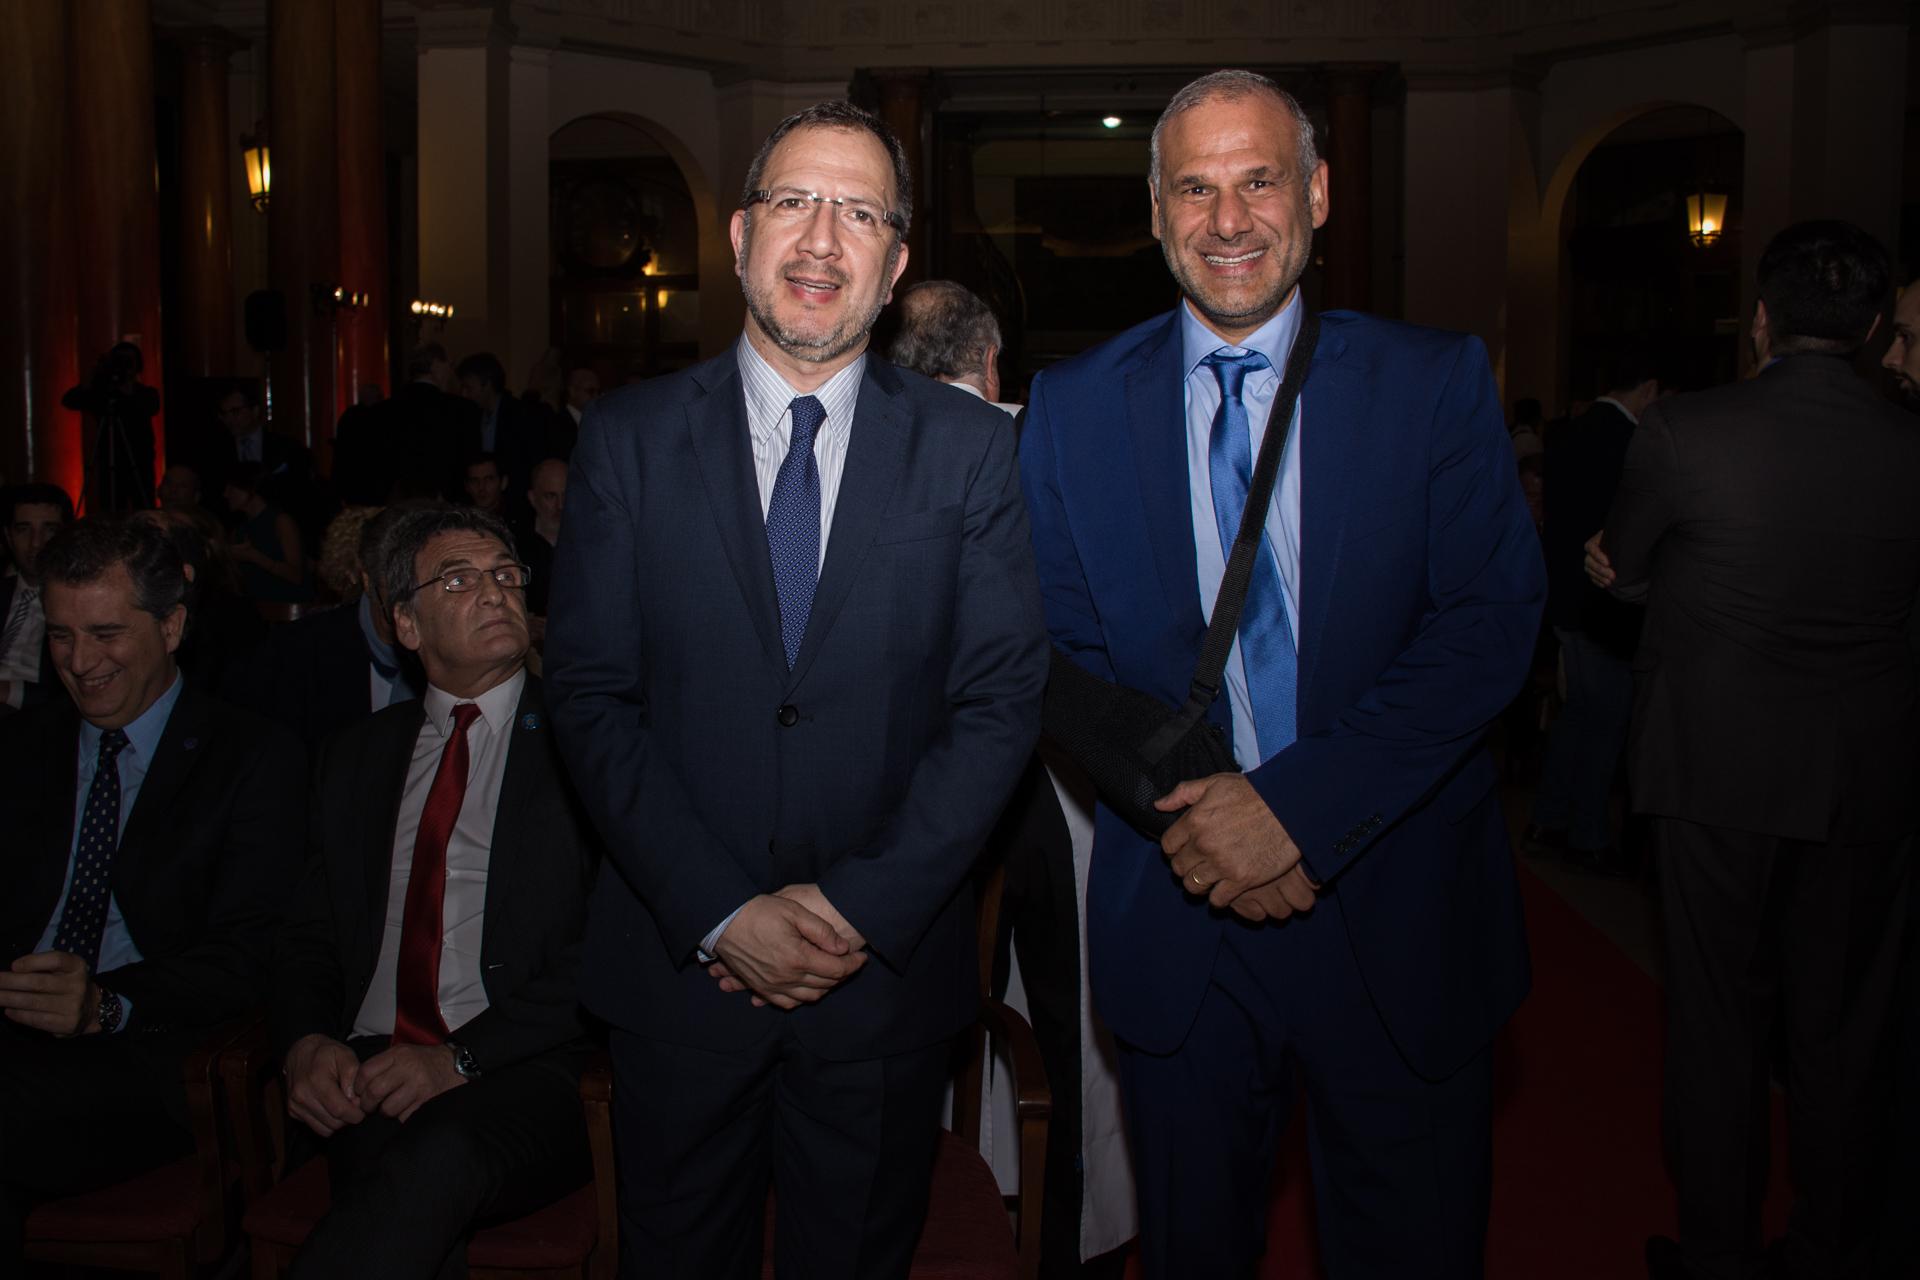 Fabián Perechodnik y Luis Galli, CEO de Newsan